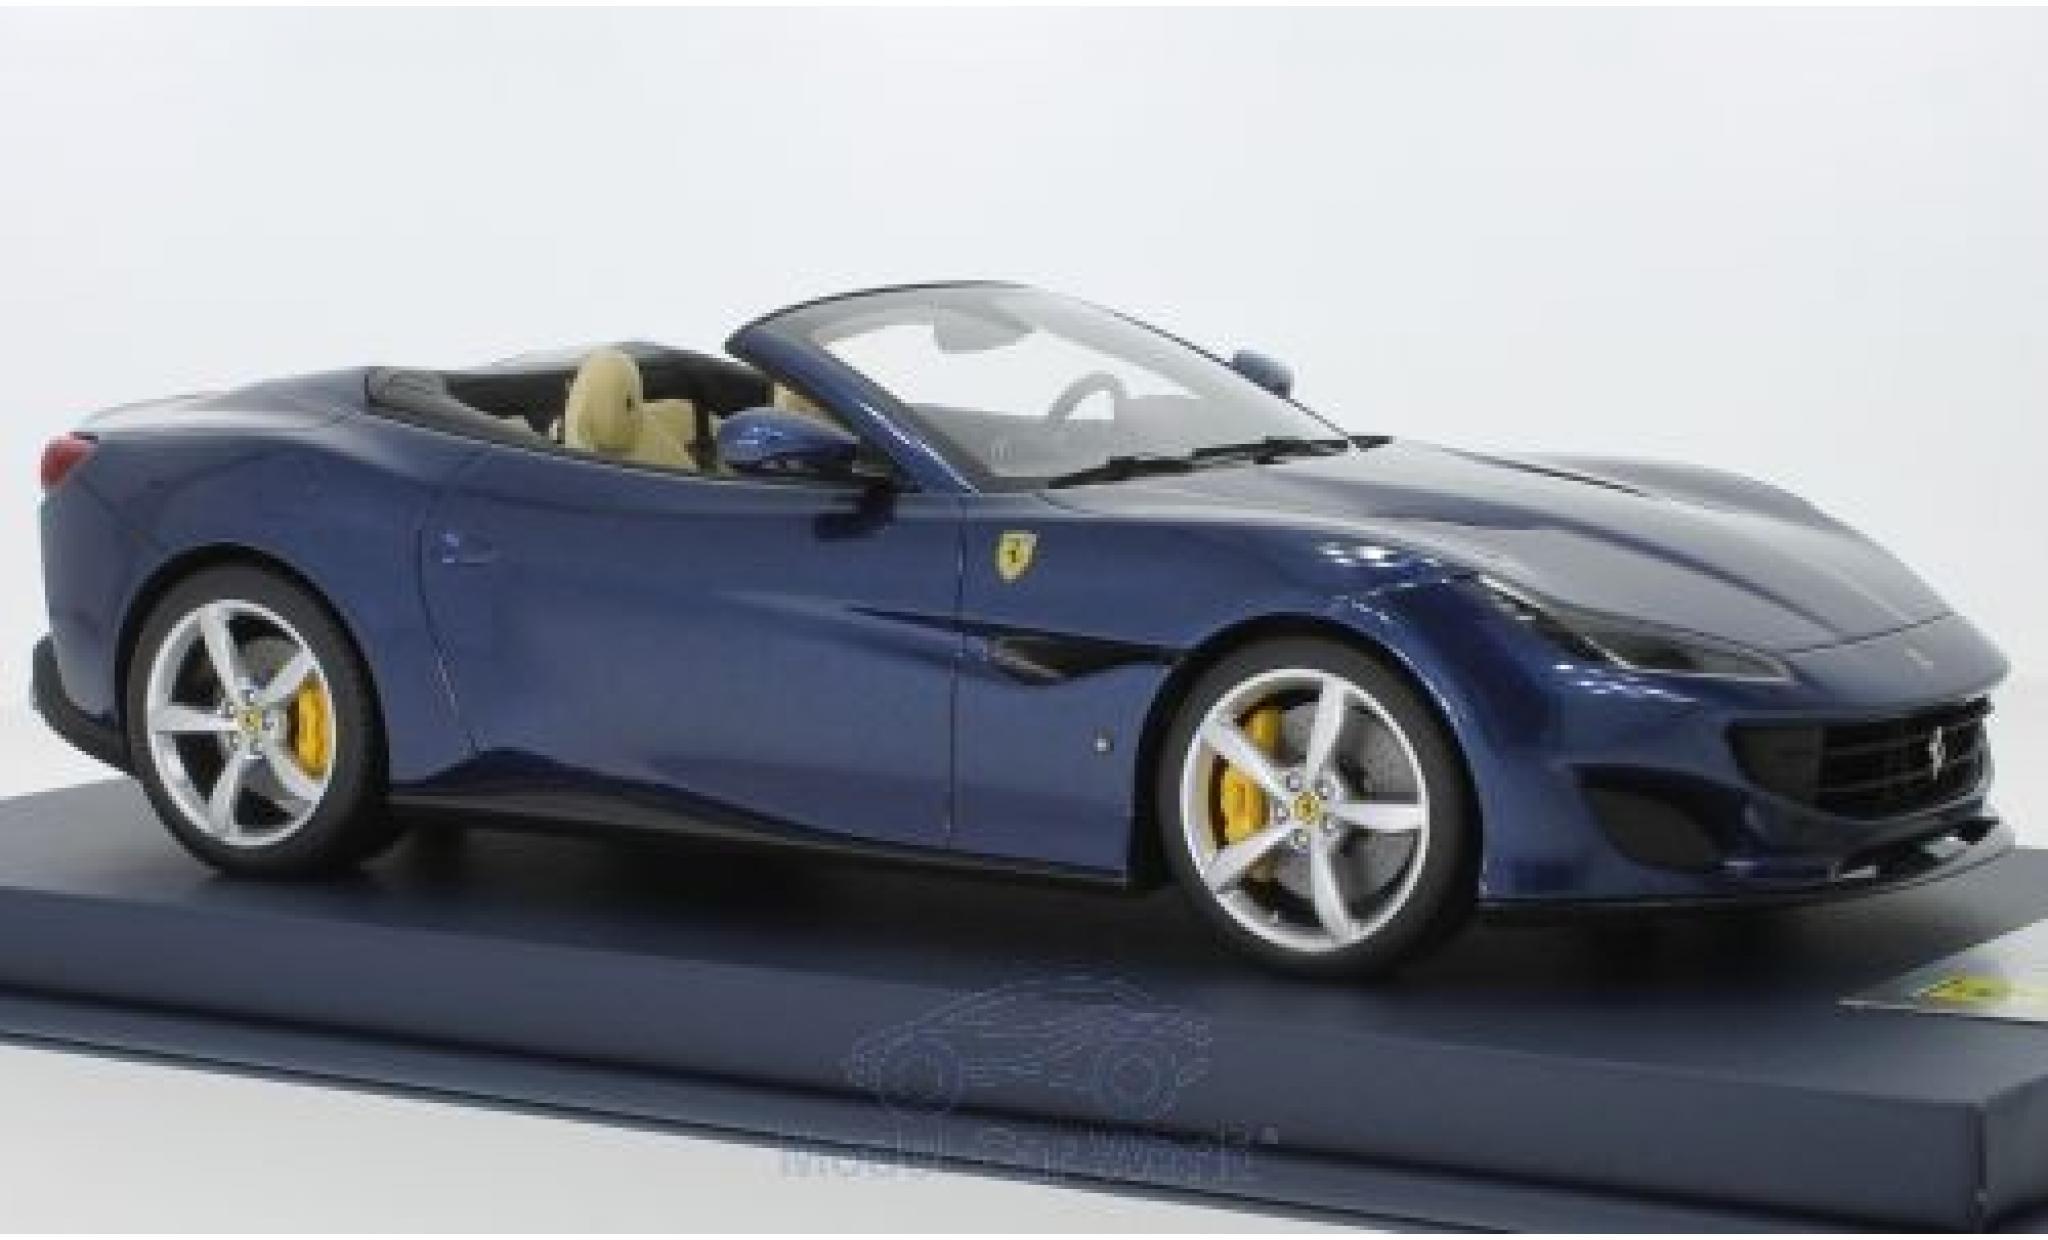 Ferrari Portofino 1/18 Look Smart metallise blau 2018